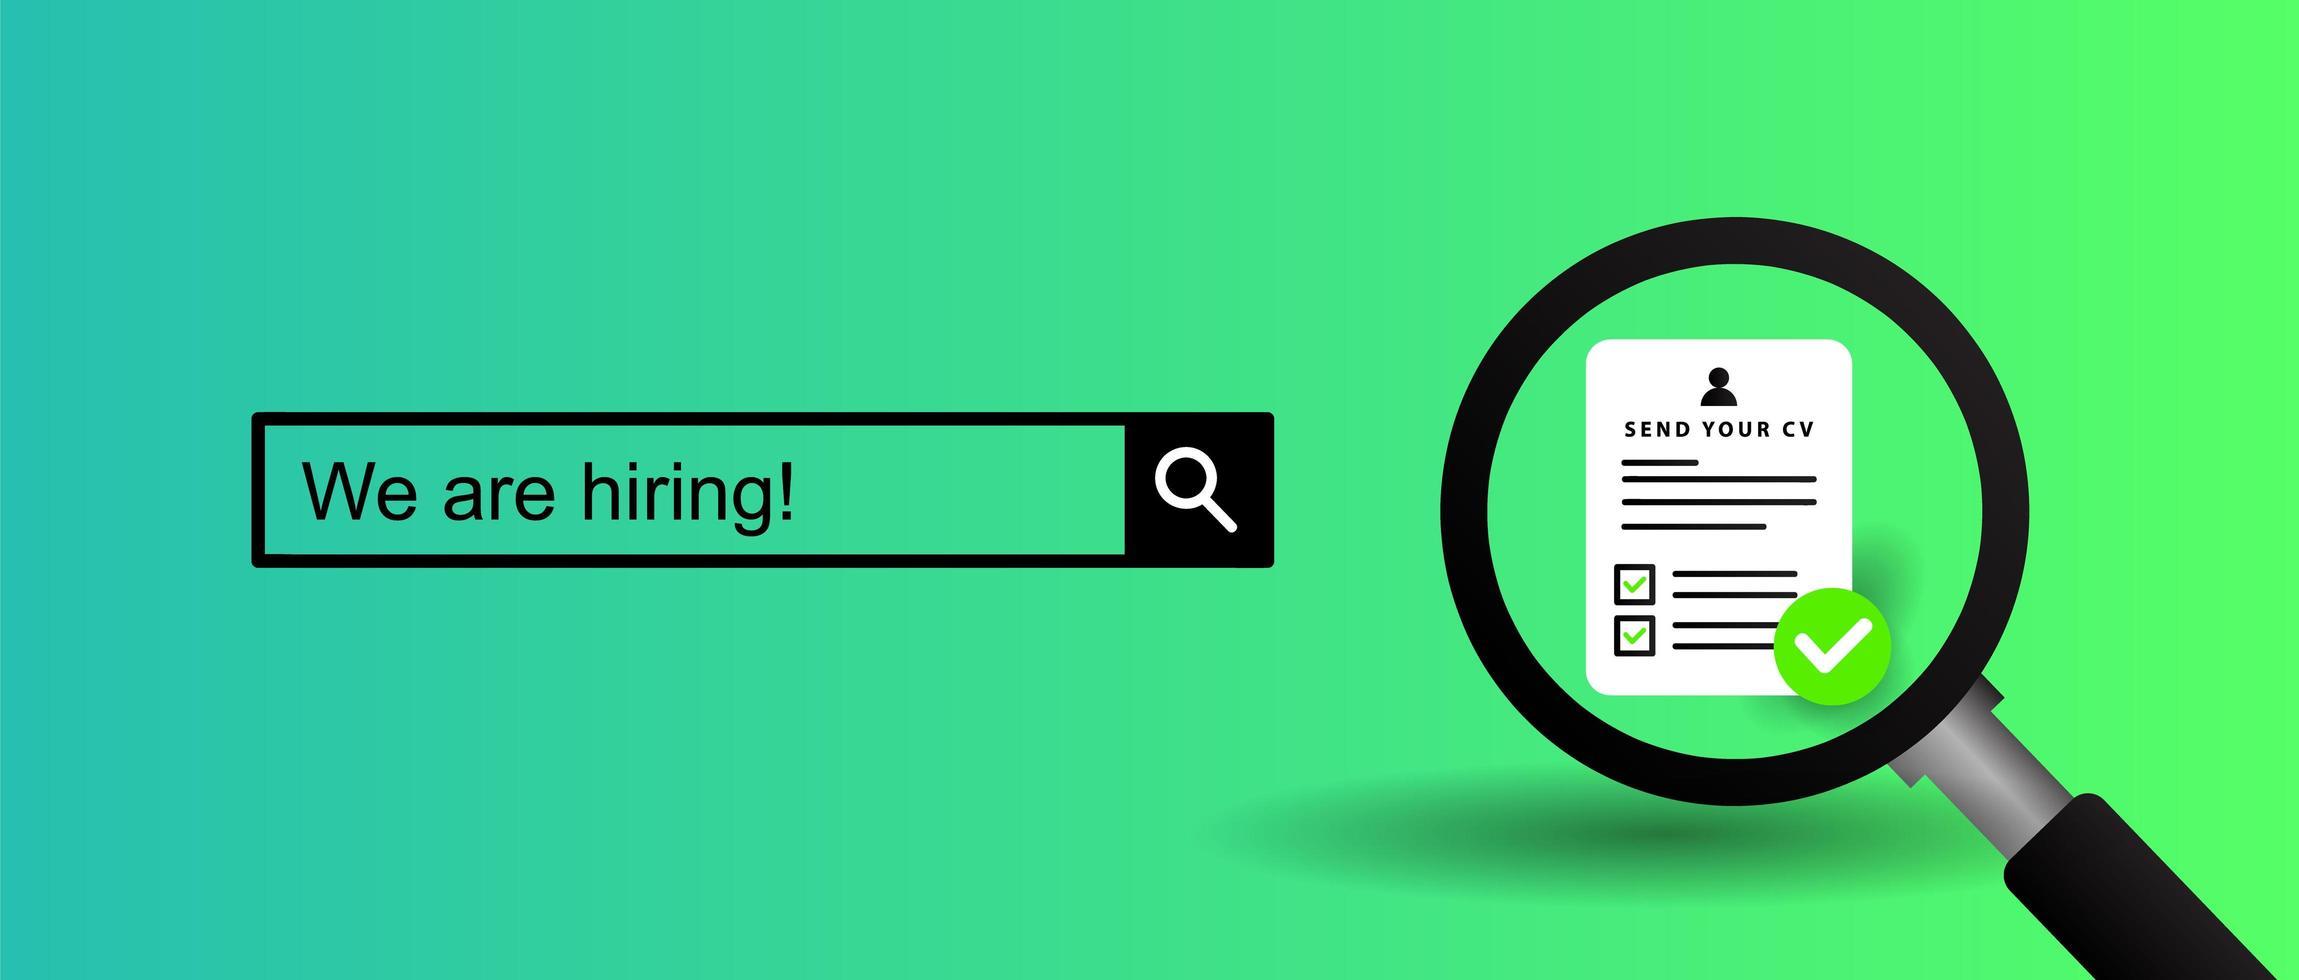 bannière moderne `` nous embauchons '' pour le recrutement d'entreprises vecteur